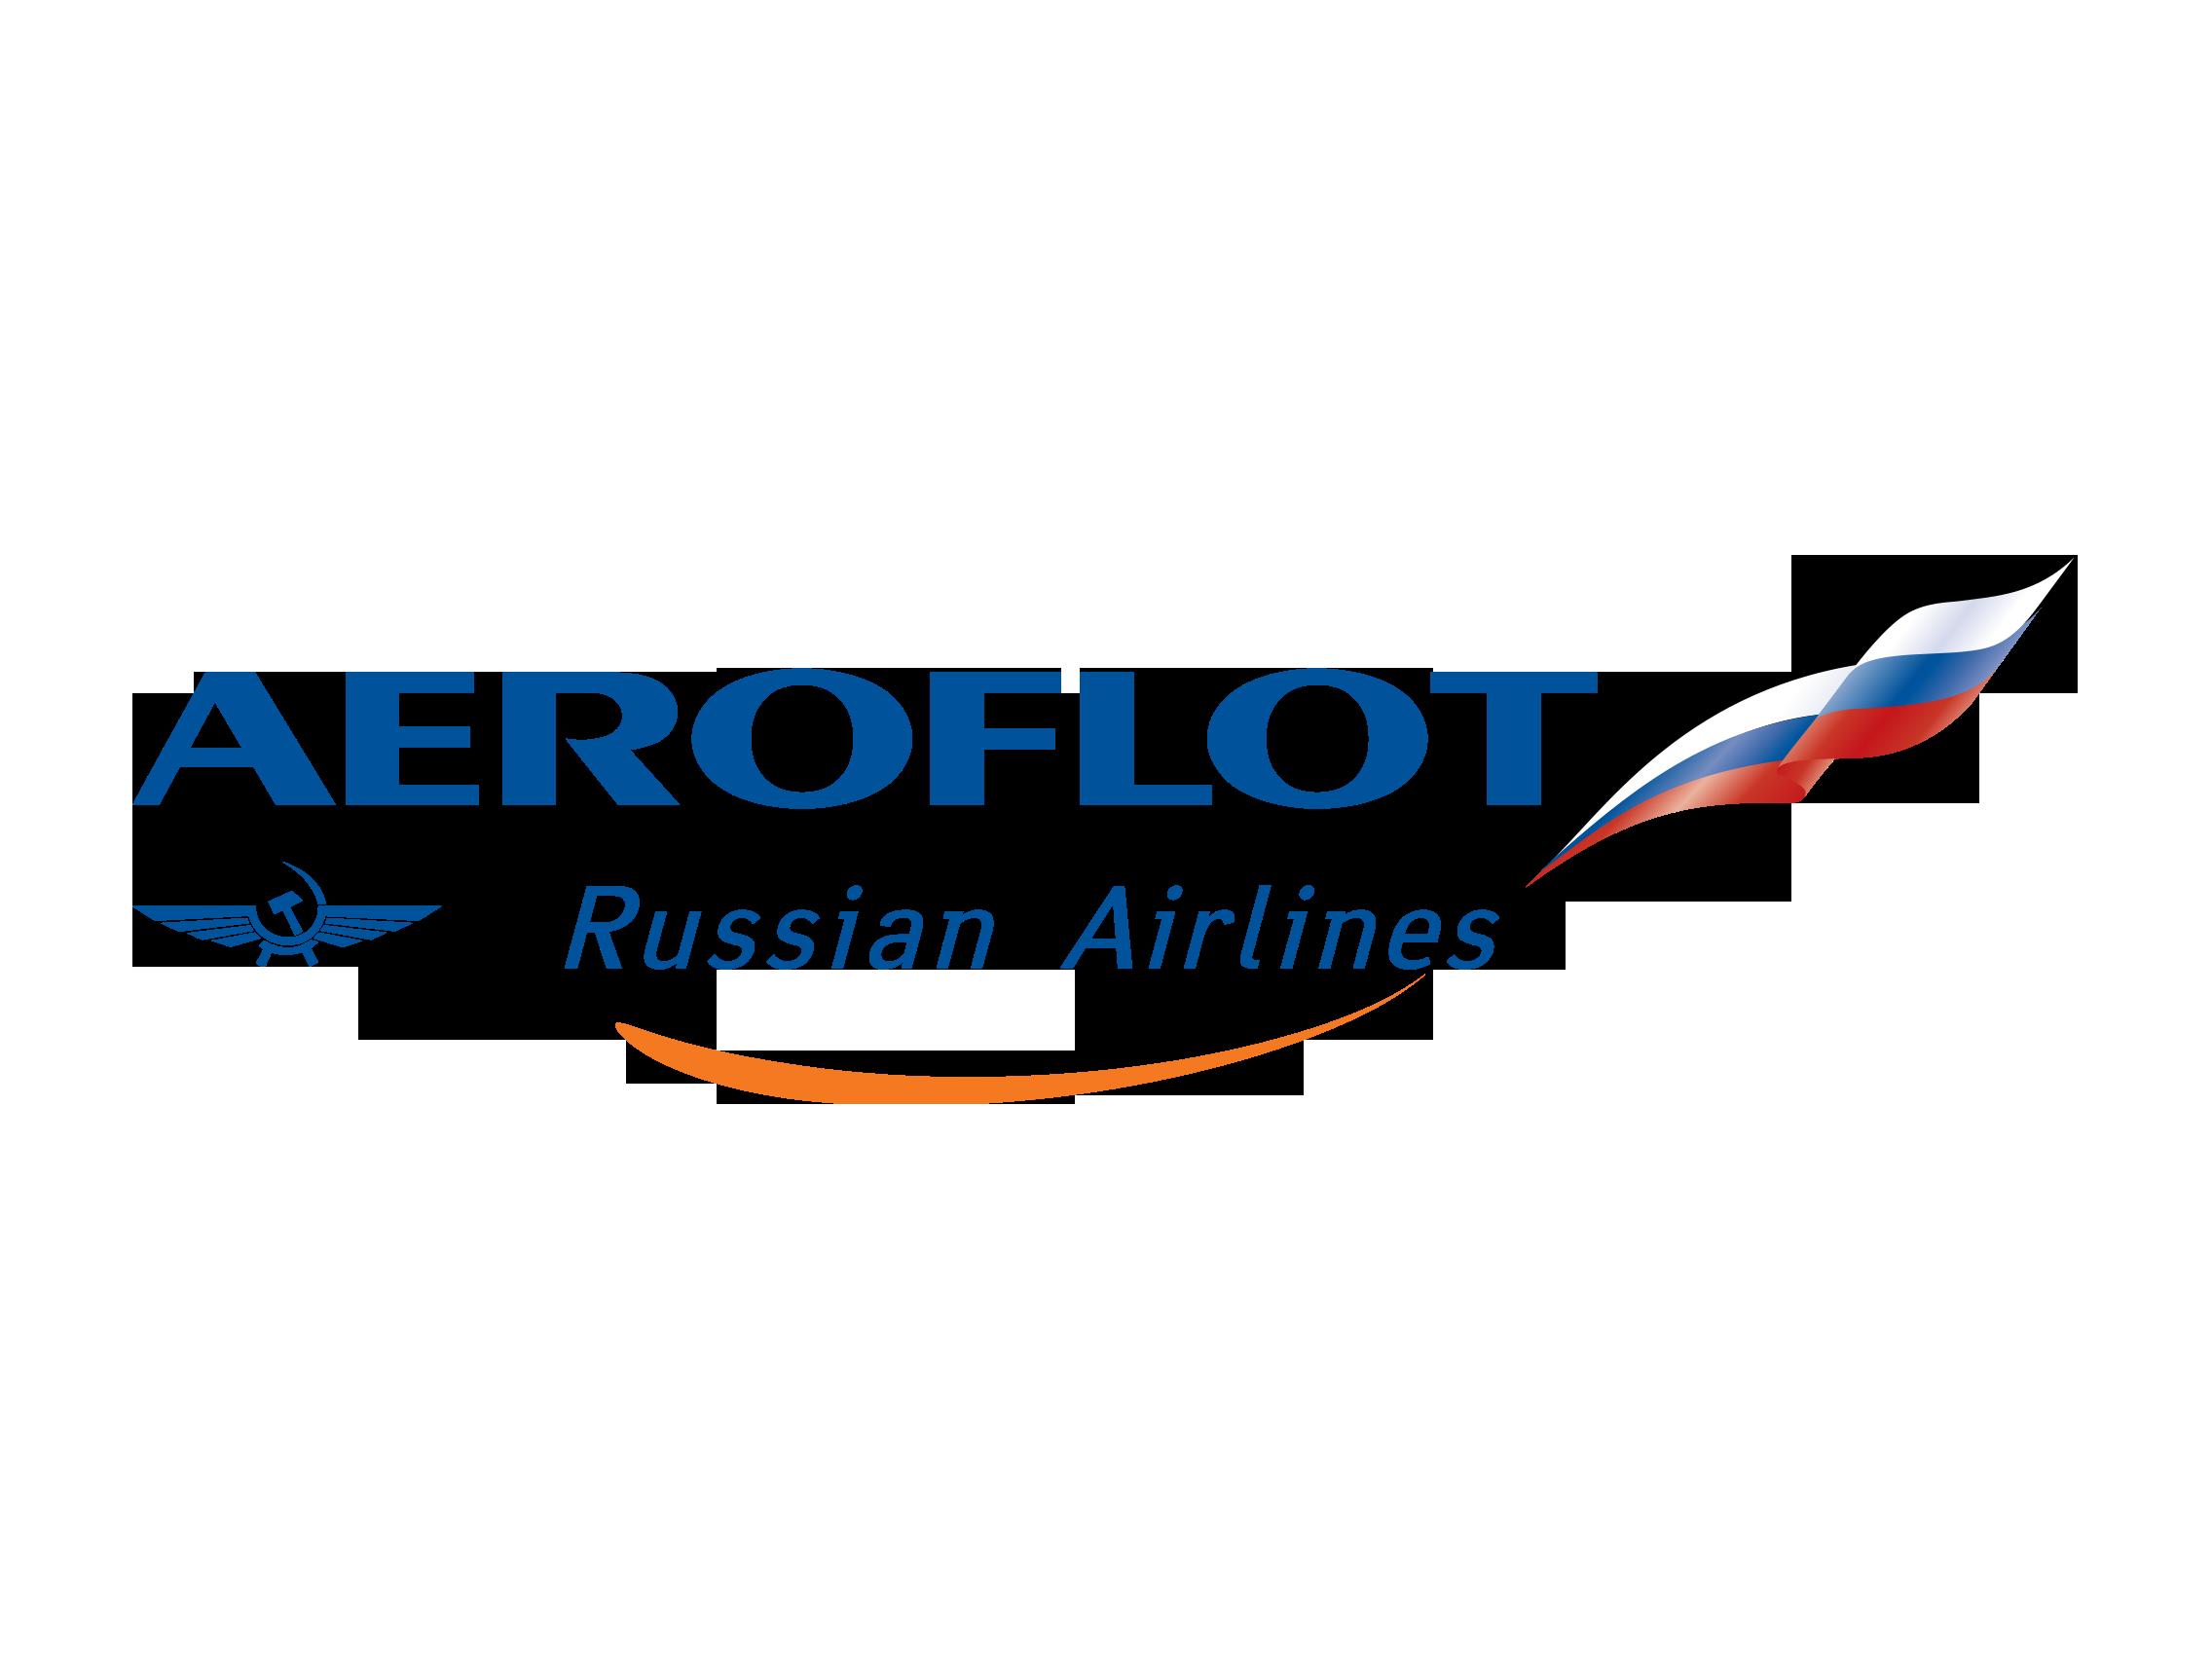 Aeroflot Russian Airlines – Logo Wallpaper